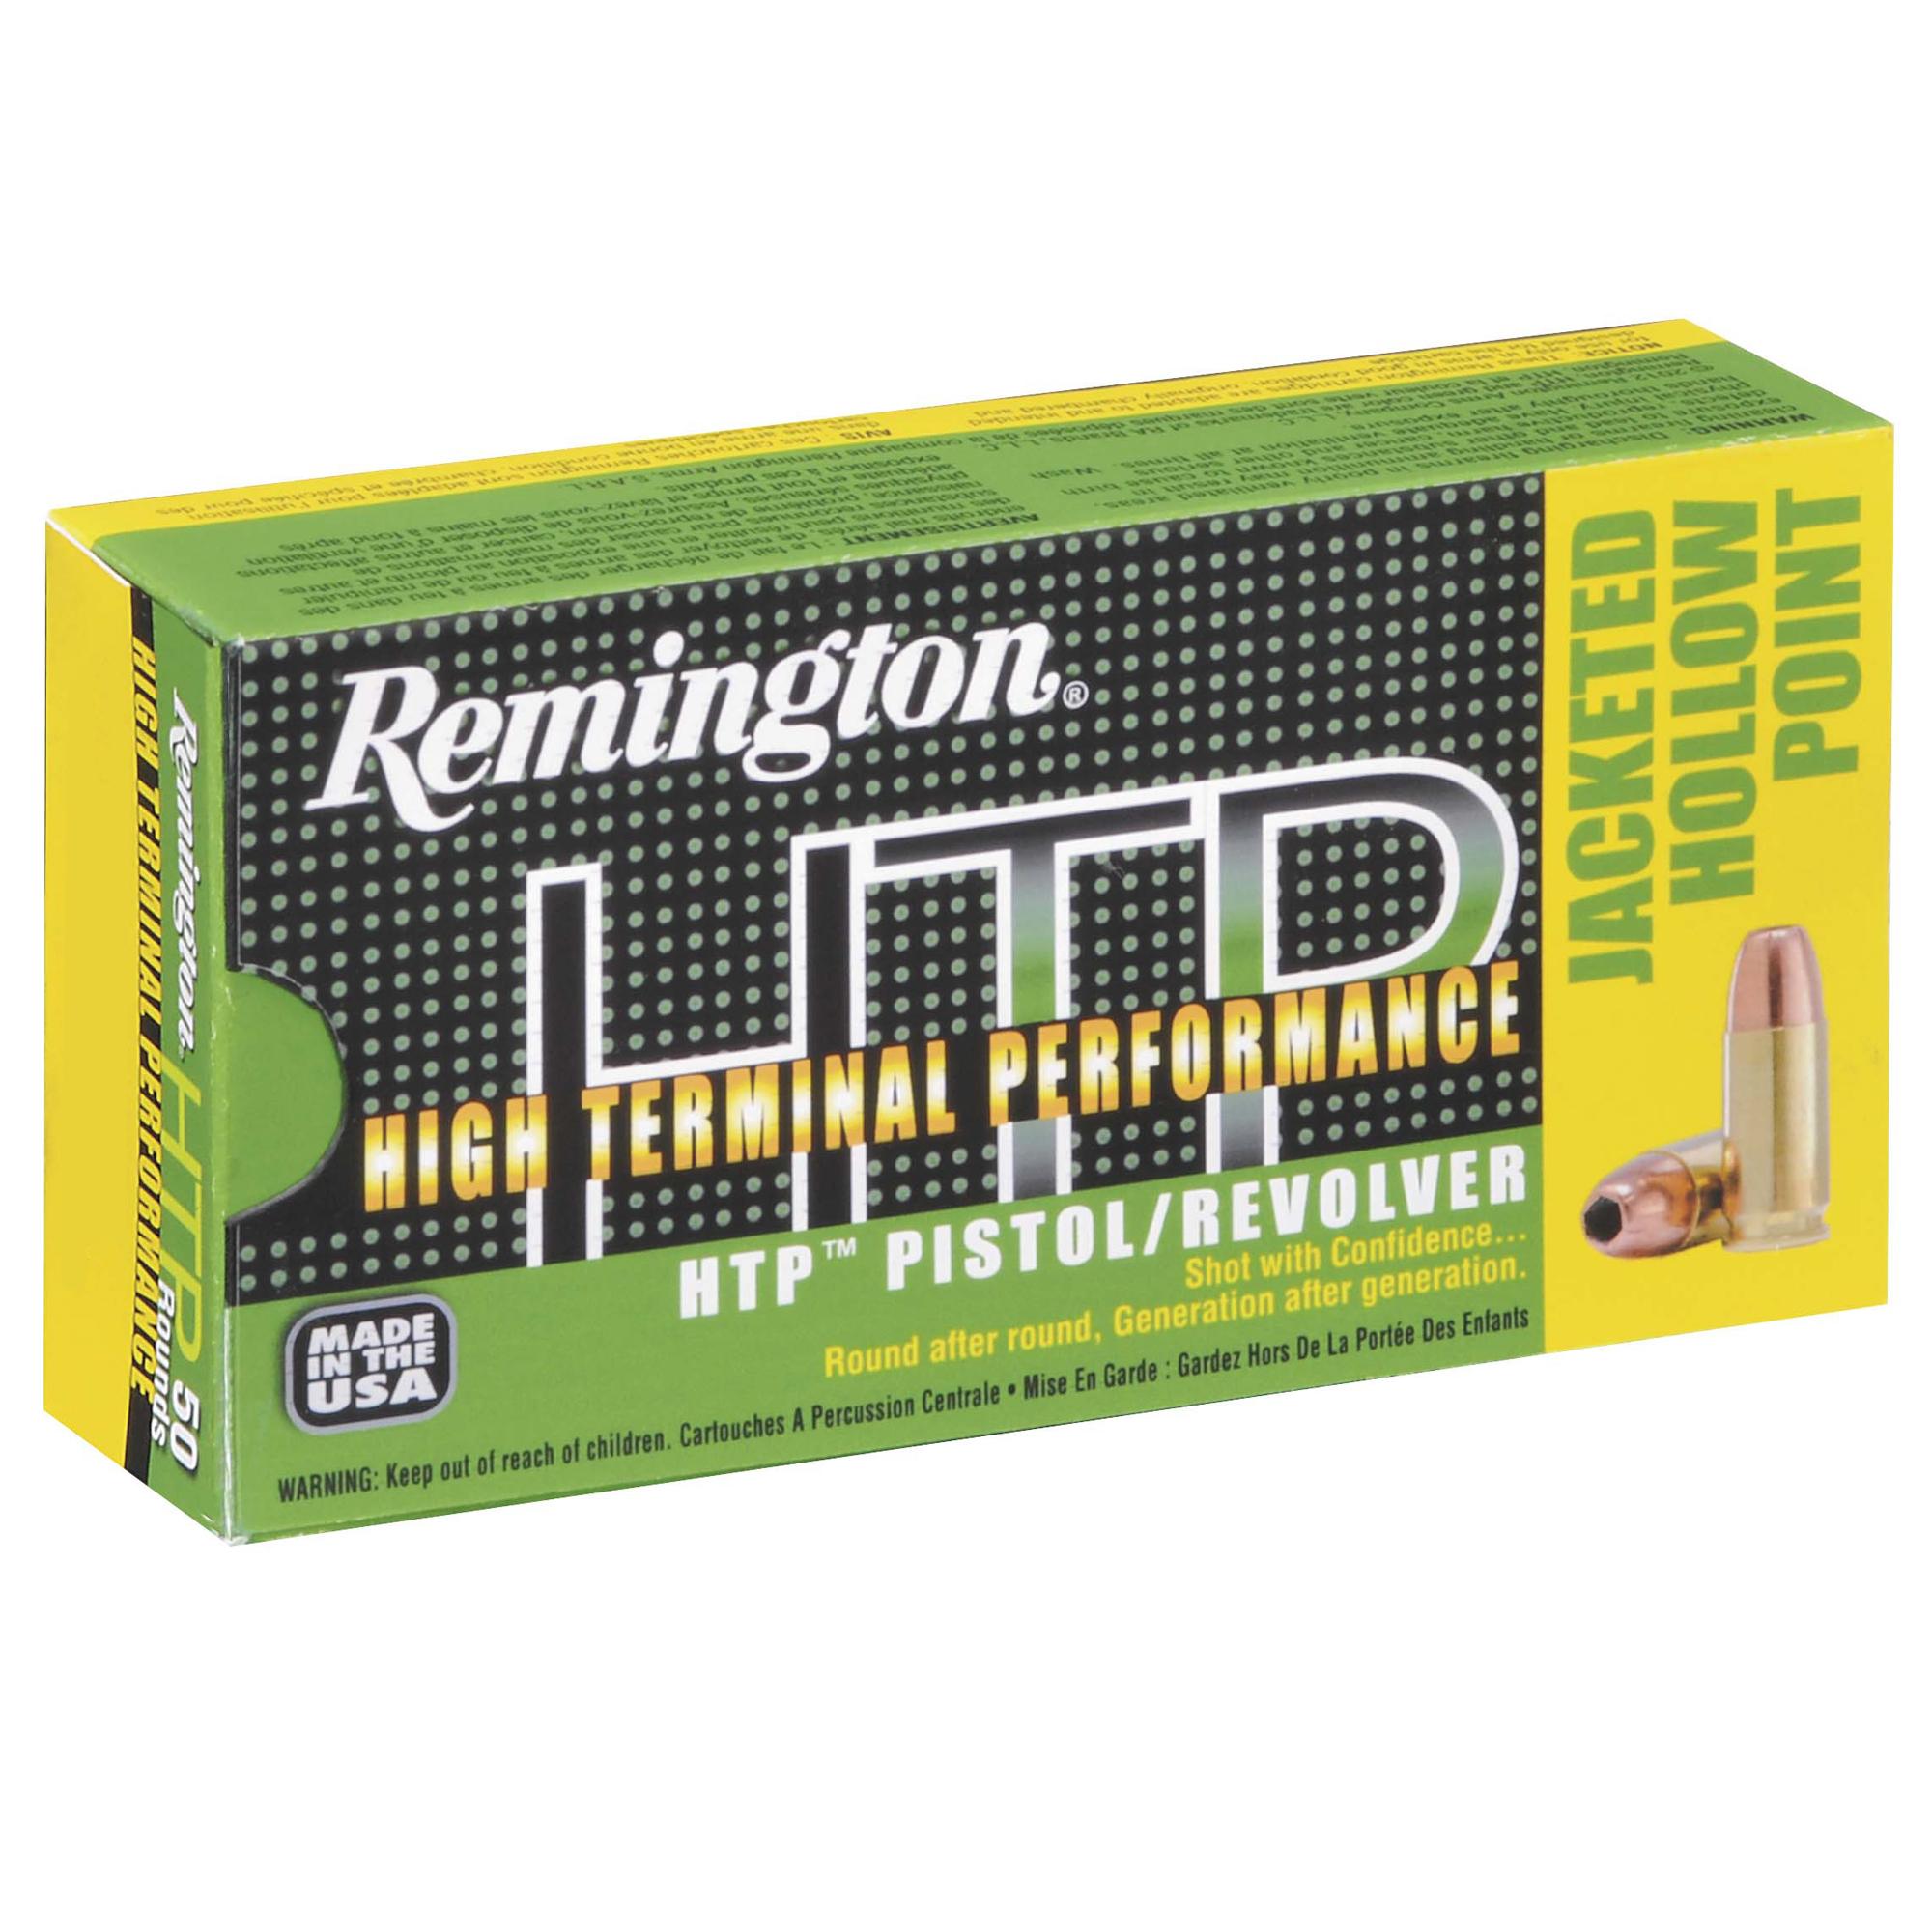 Remington HTP Jacket Hollow Point Handgun Ammo, 9mm Luger +P, 115-gr, JHP